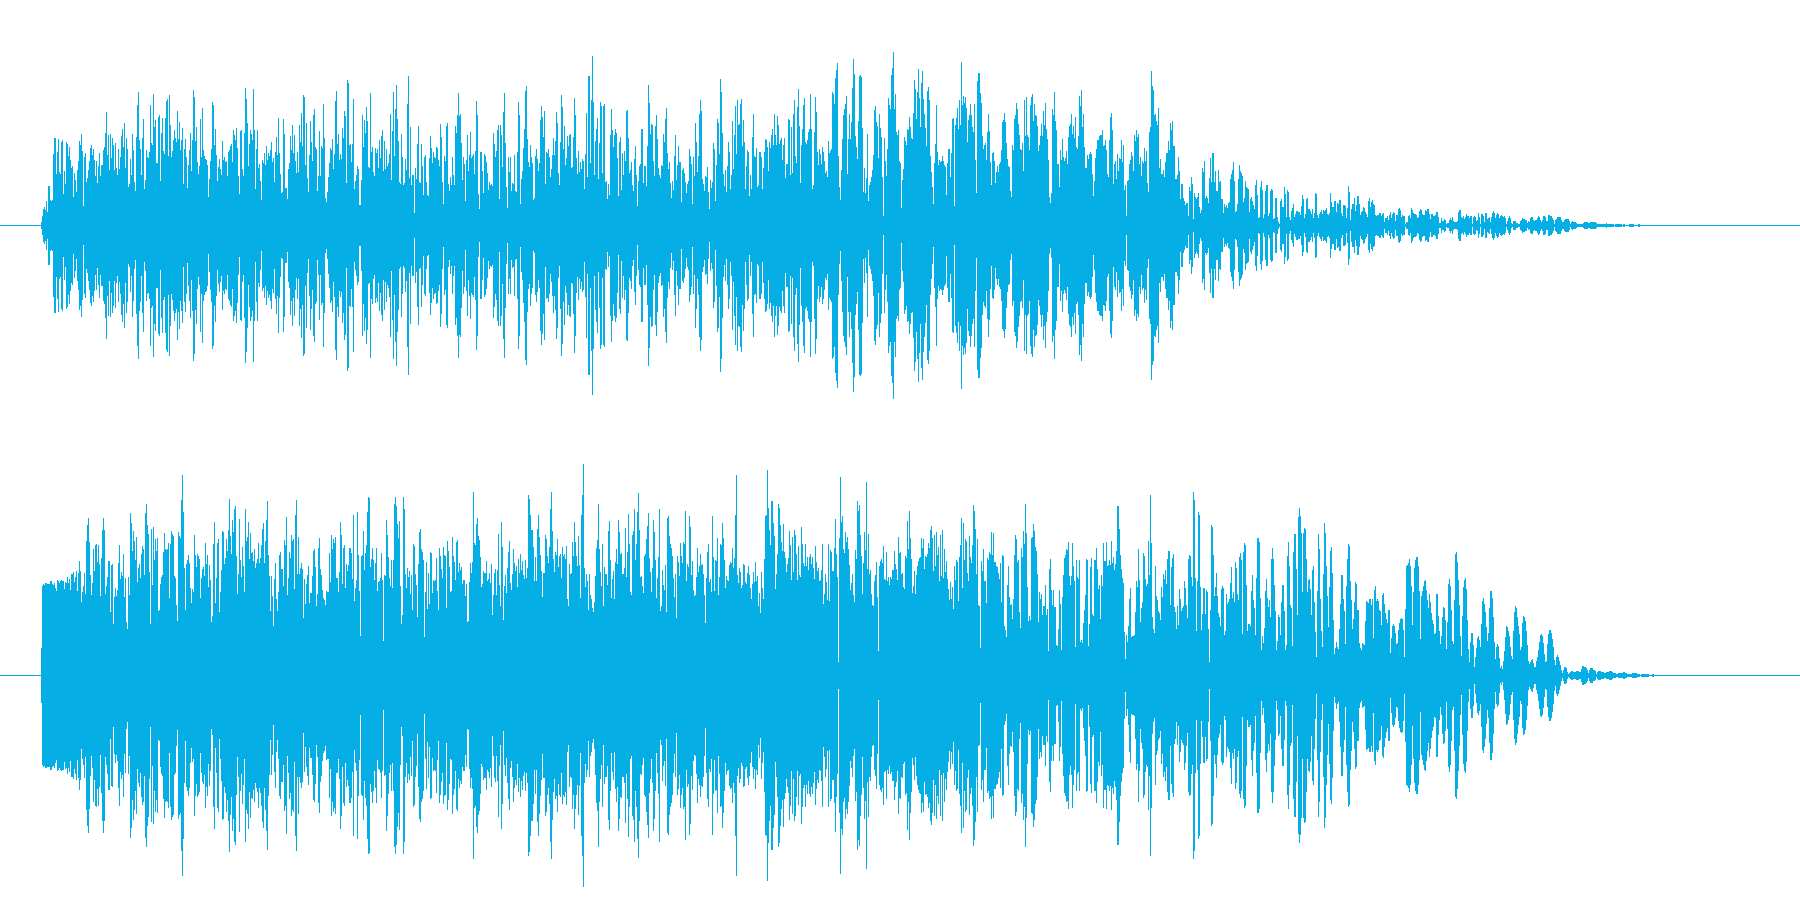 パワーダウン レベルダウン ↓ ドーンの再生済みの波形